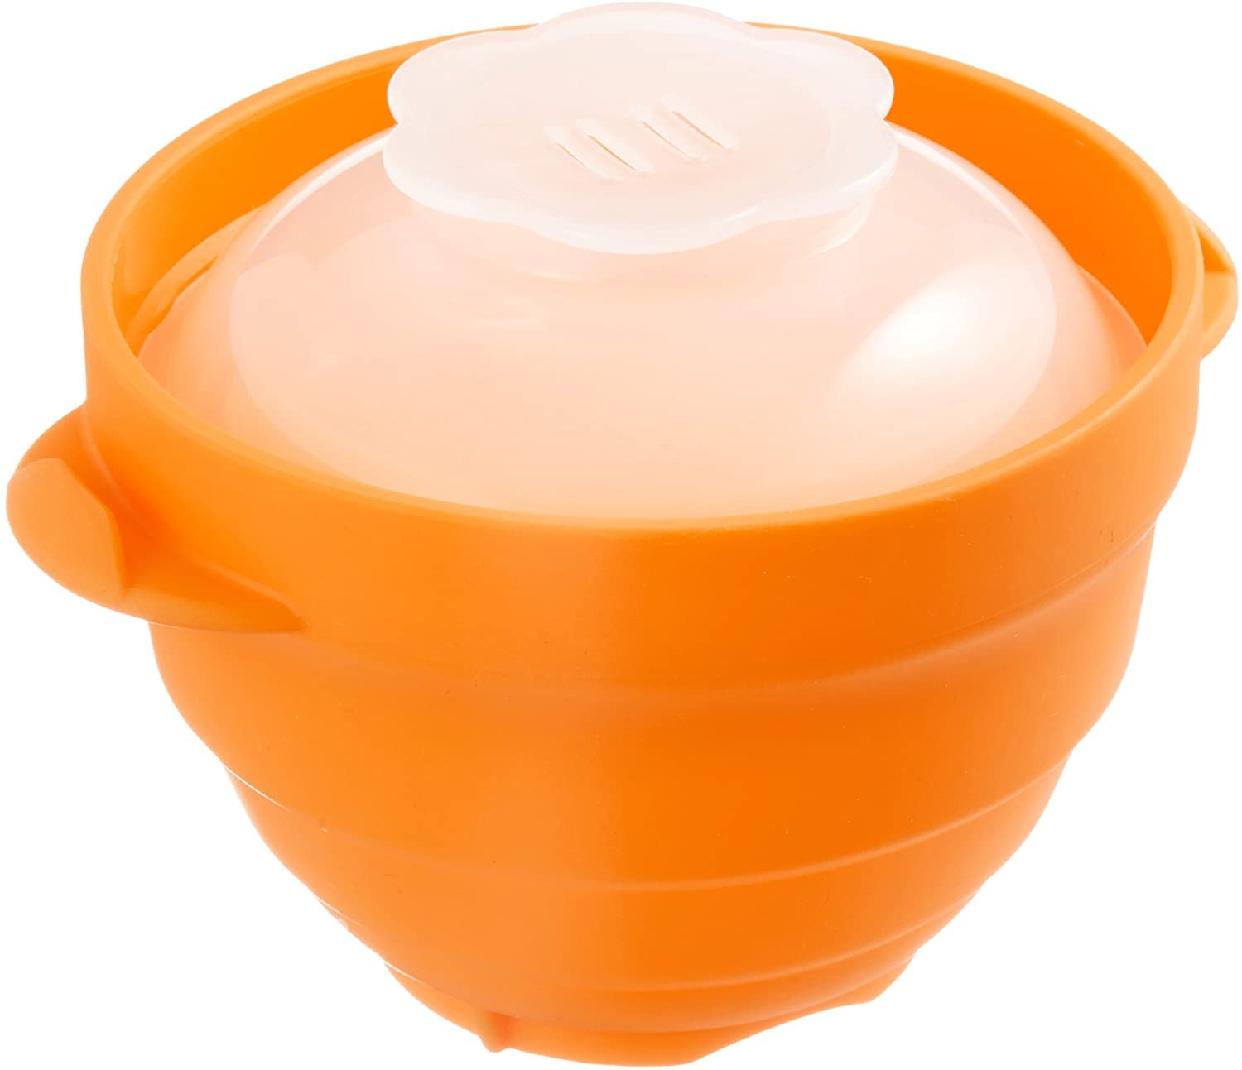 Richell(リッチェル) 離乳食シリコーンスチーマーの商品画像2